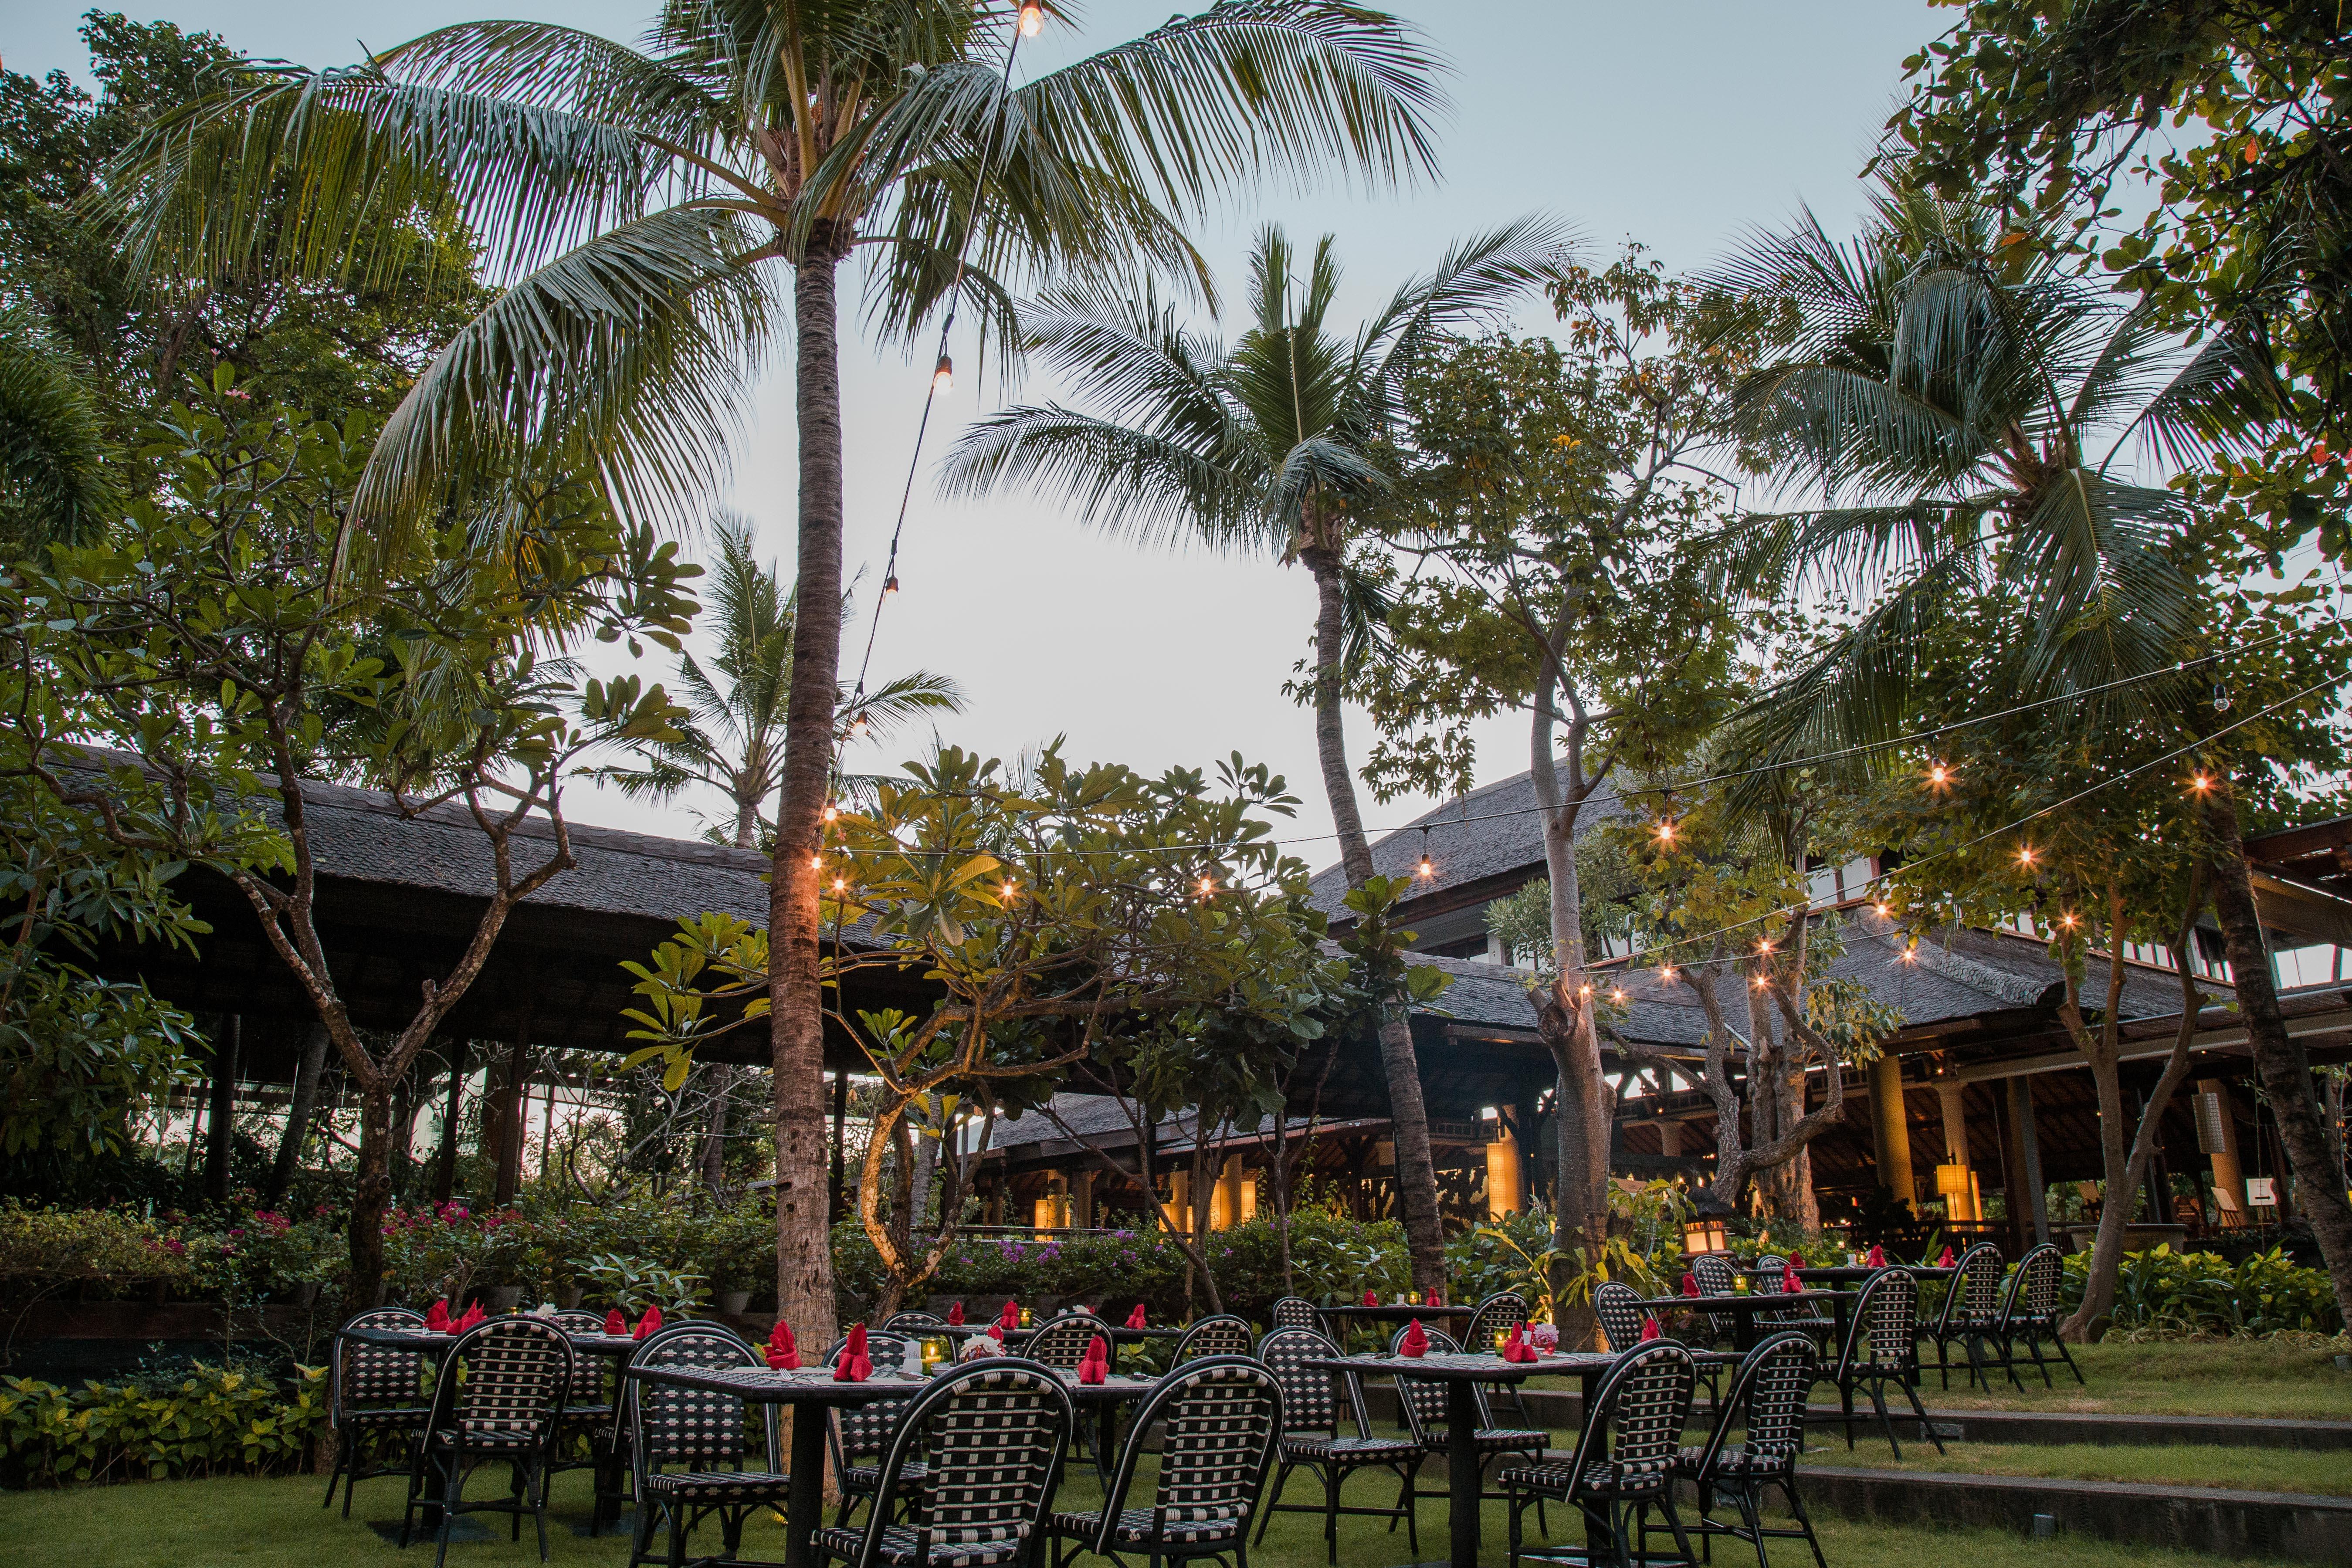 Dinner Under Stars at Padma Resort Legian